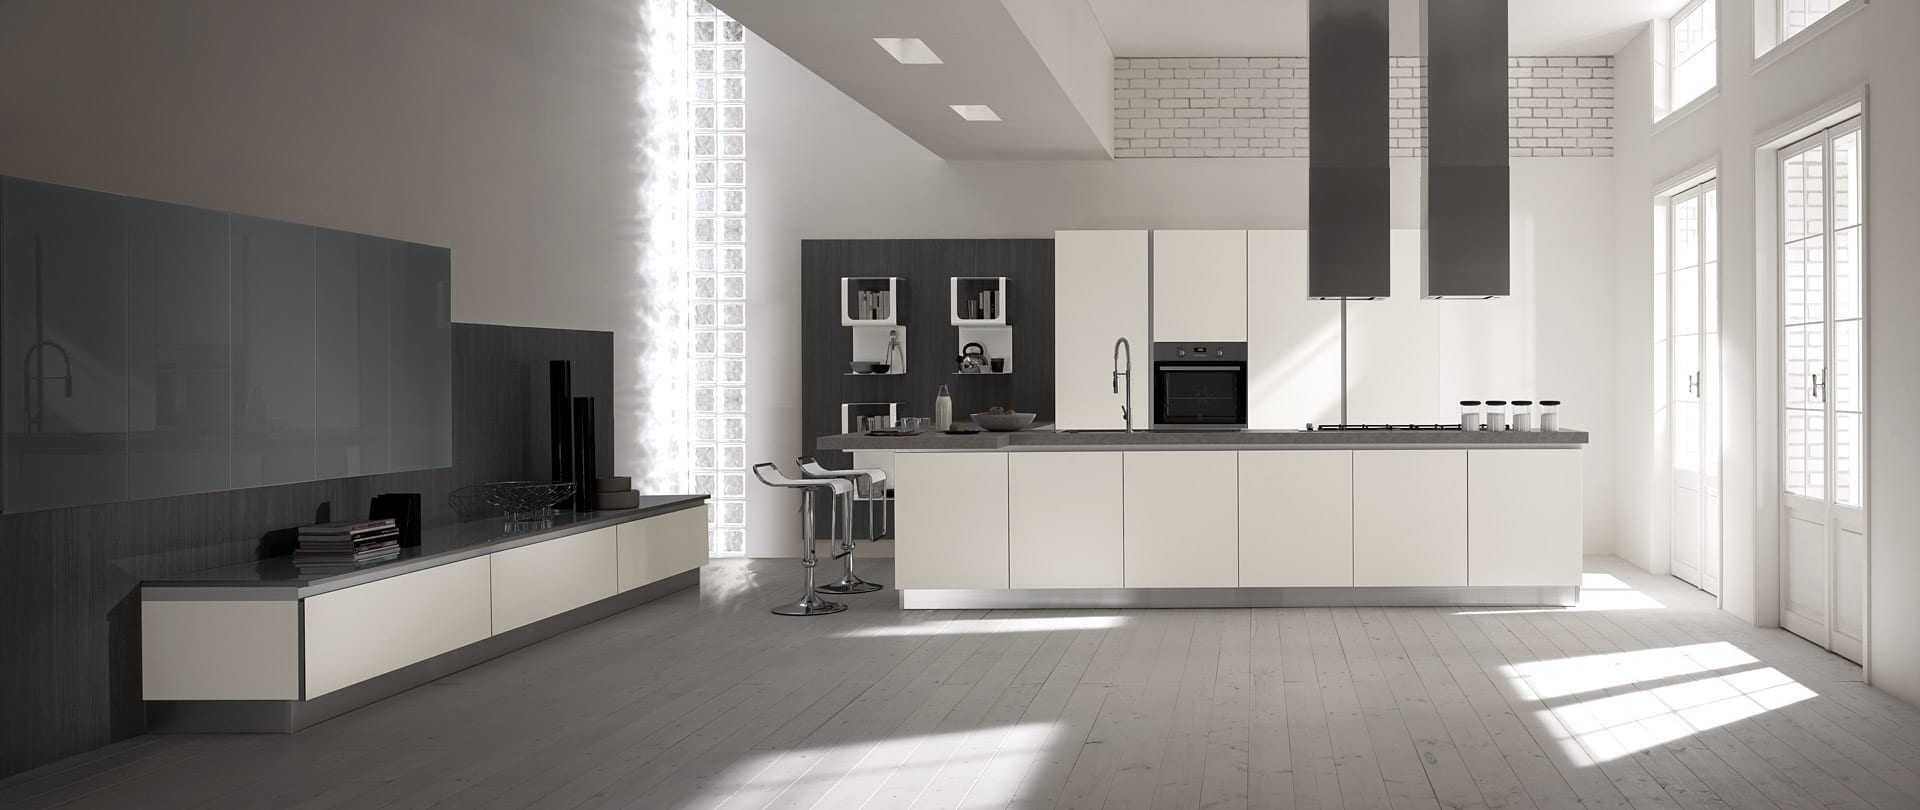 cucina-stratos-grigio